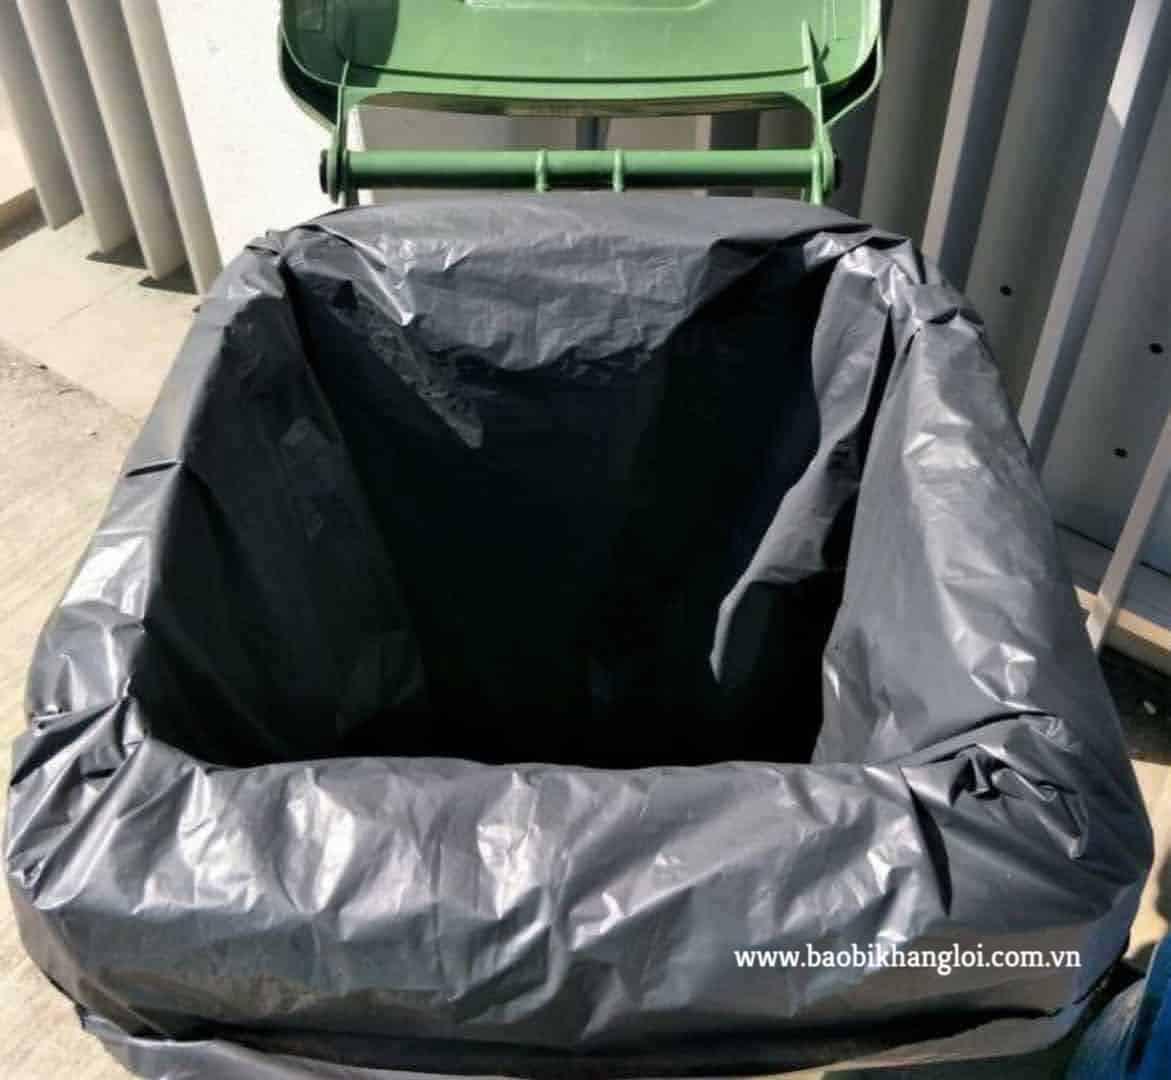 lựa chọn túi rác phù hợp với kích thước thùng chứa là vô cùng cần thiết